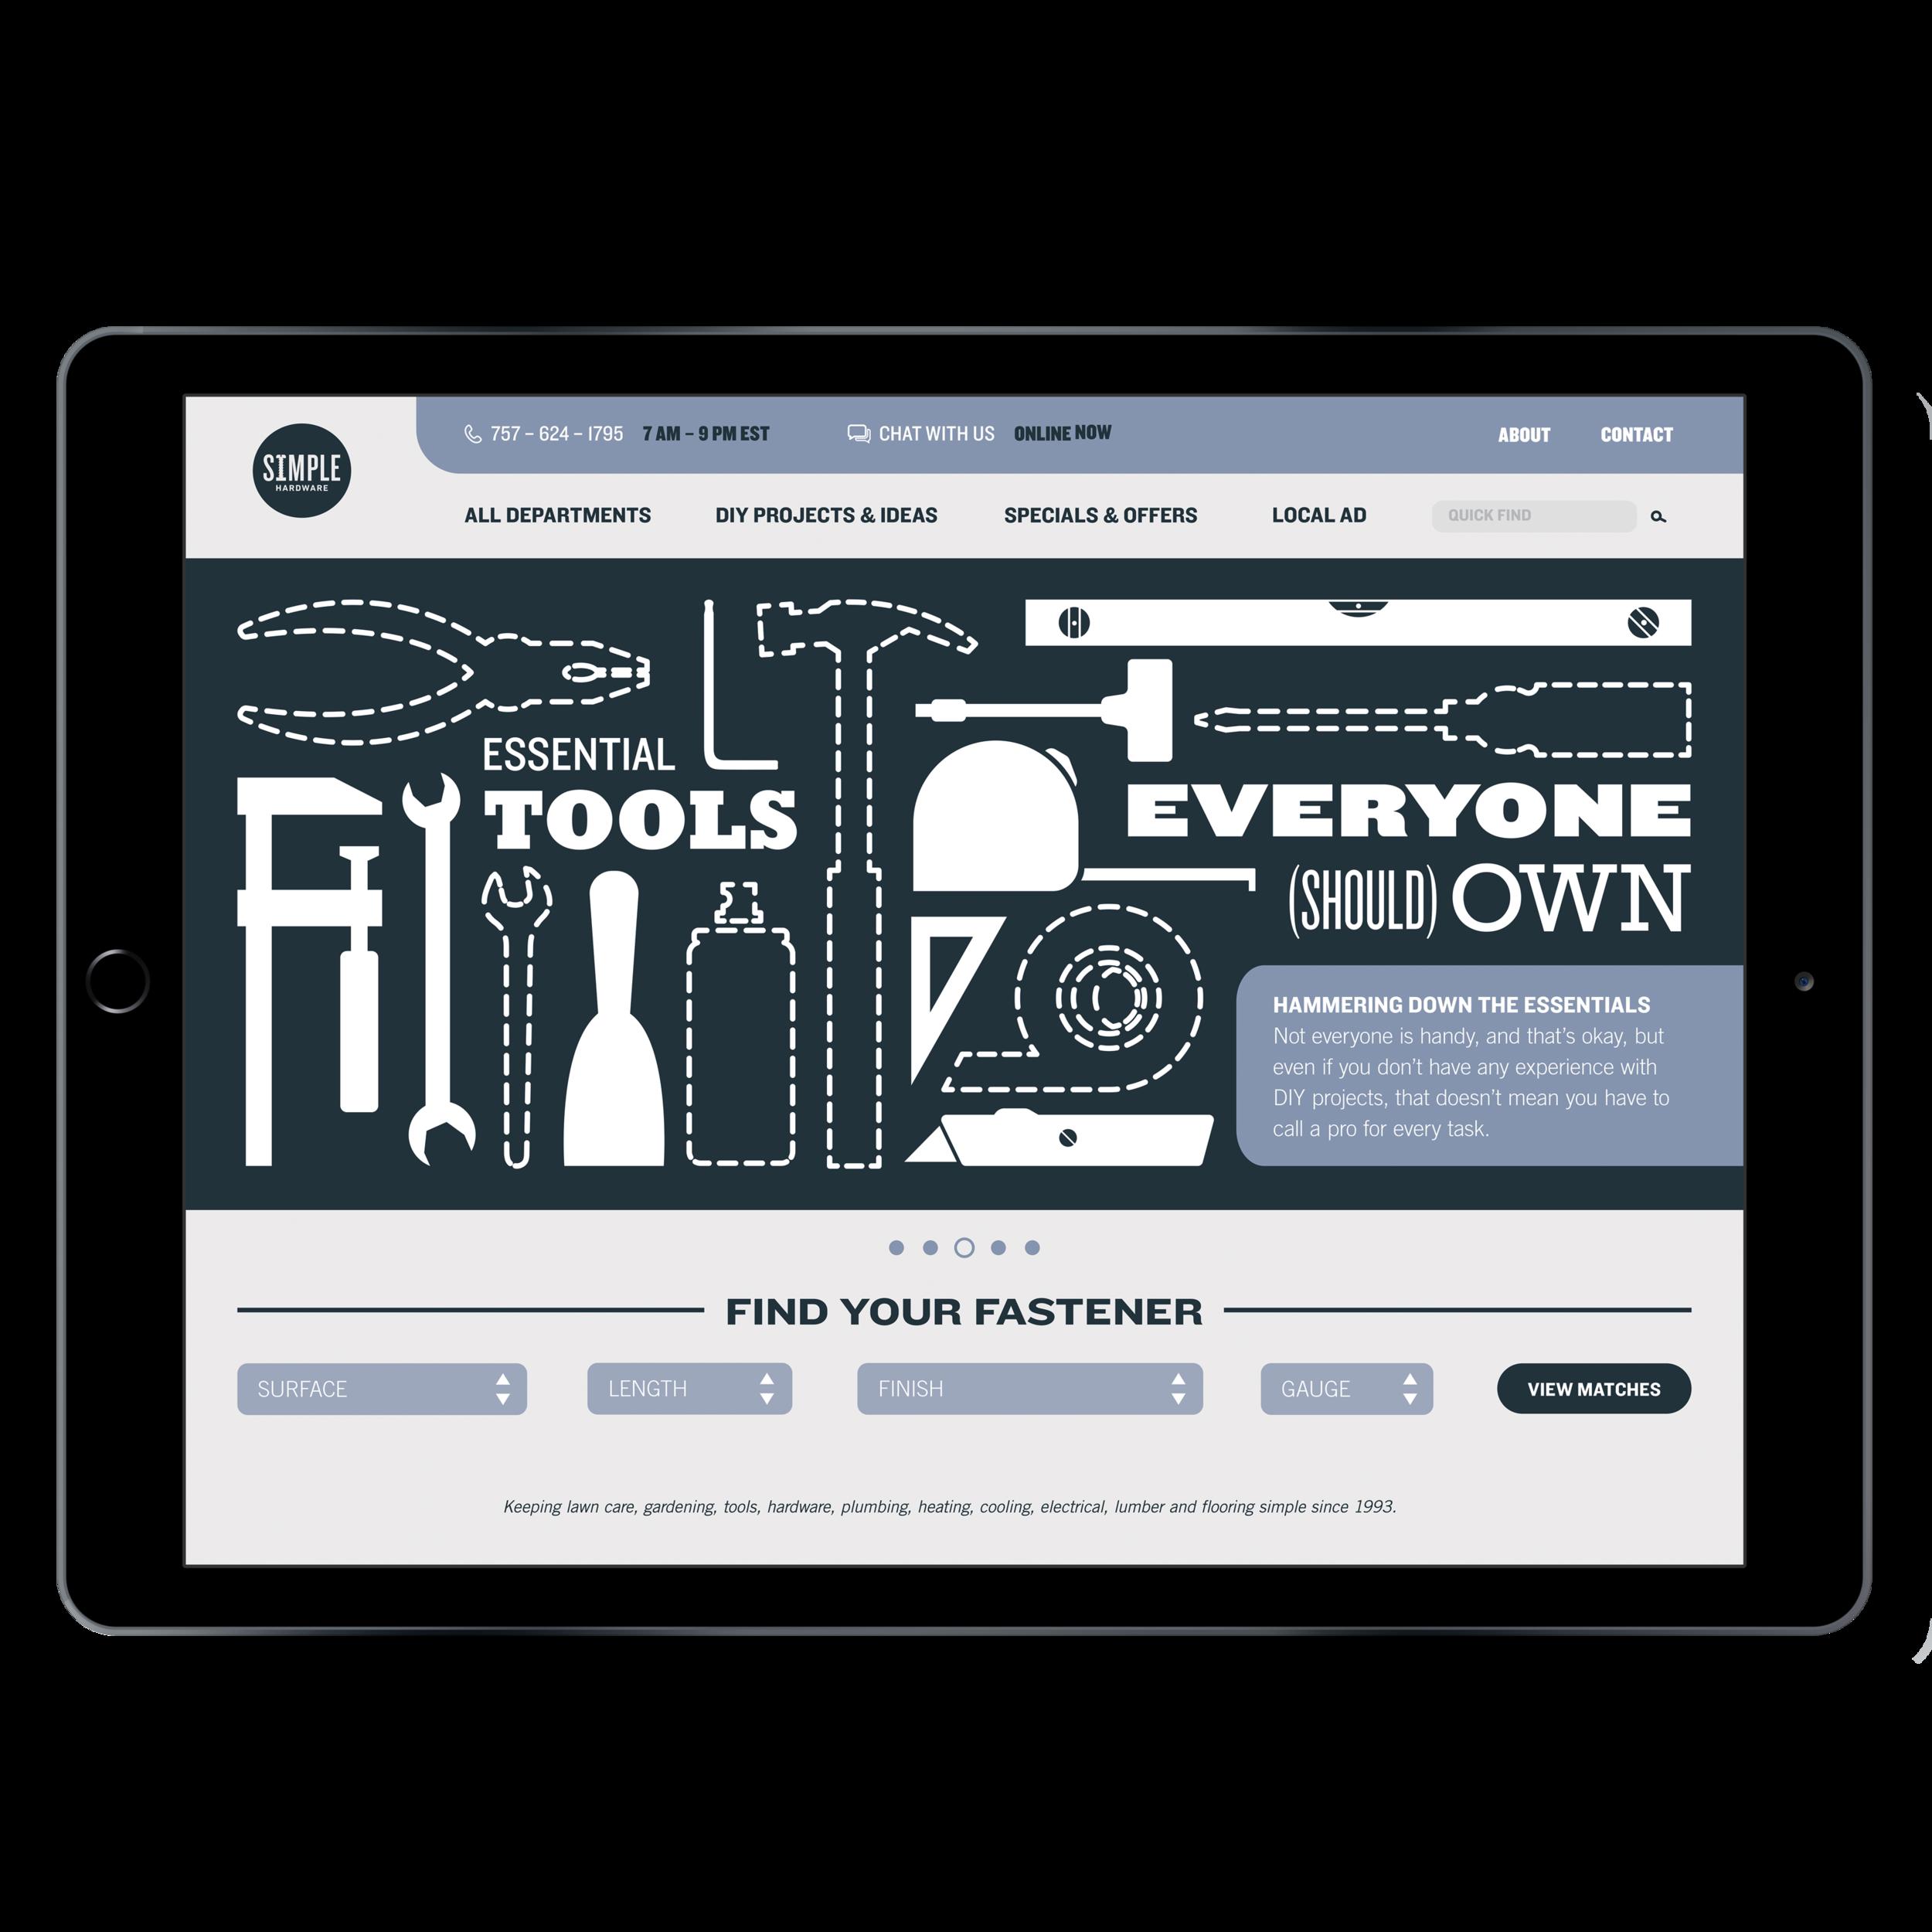 Simple_Homepage_Web.png